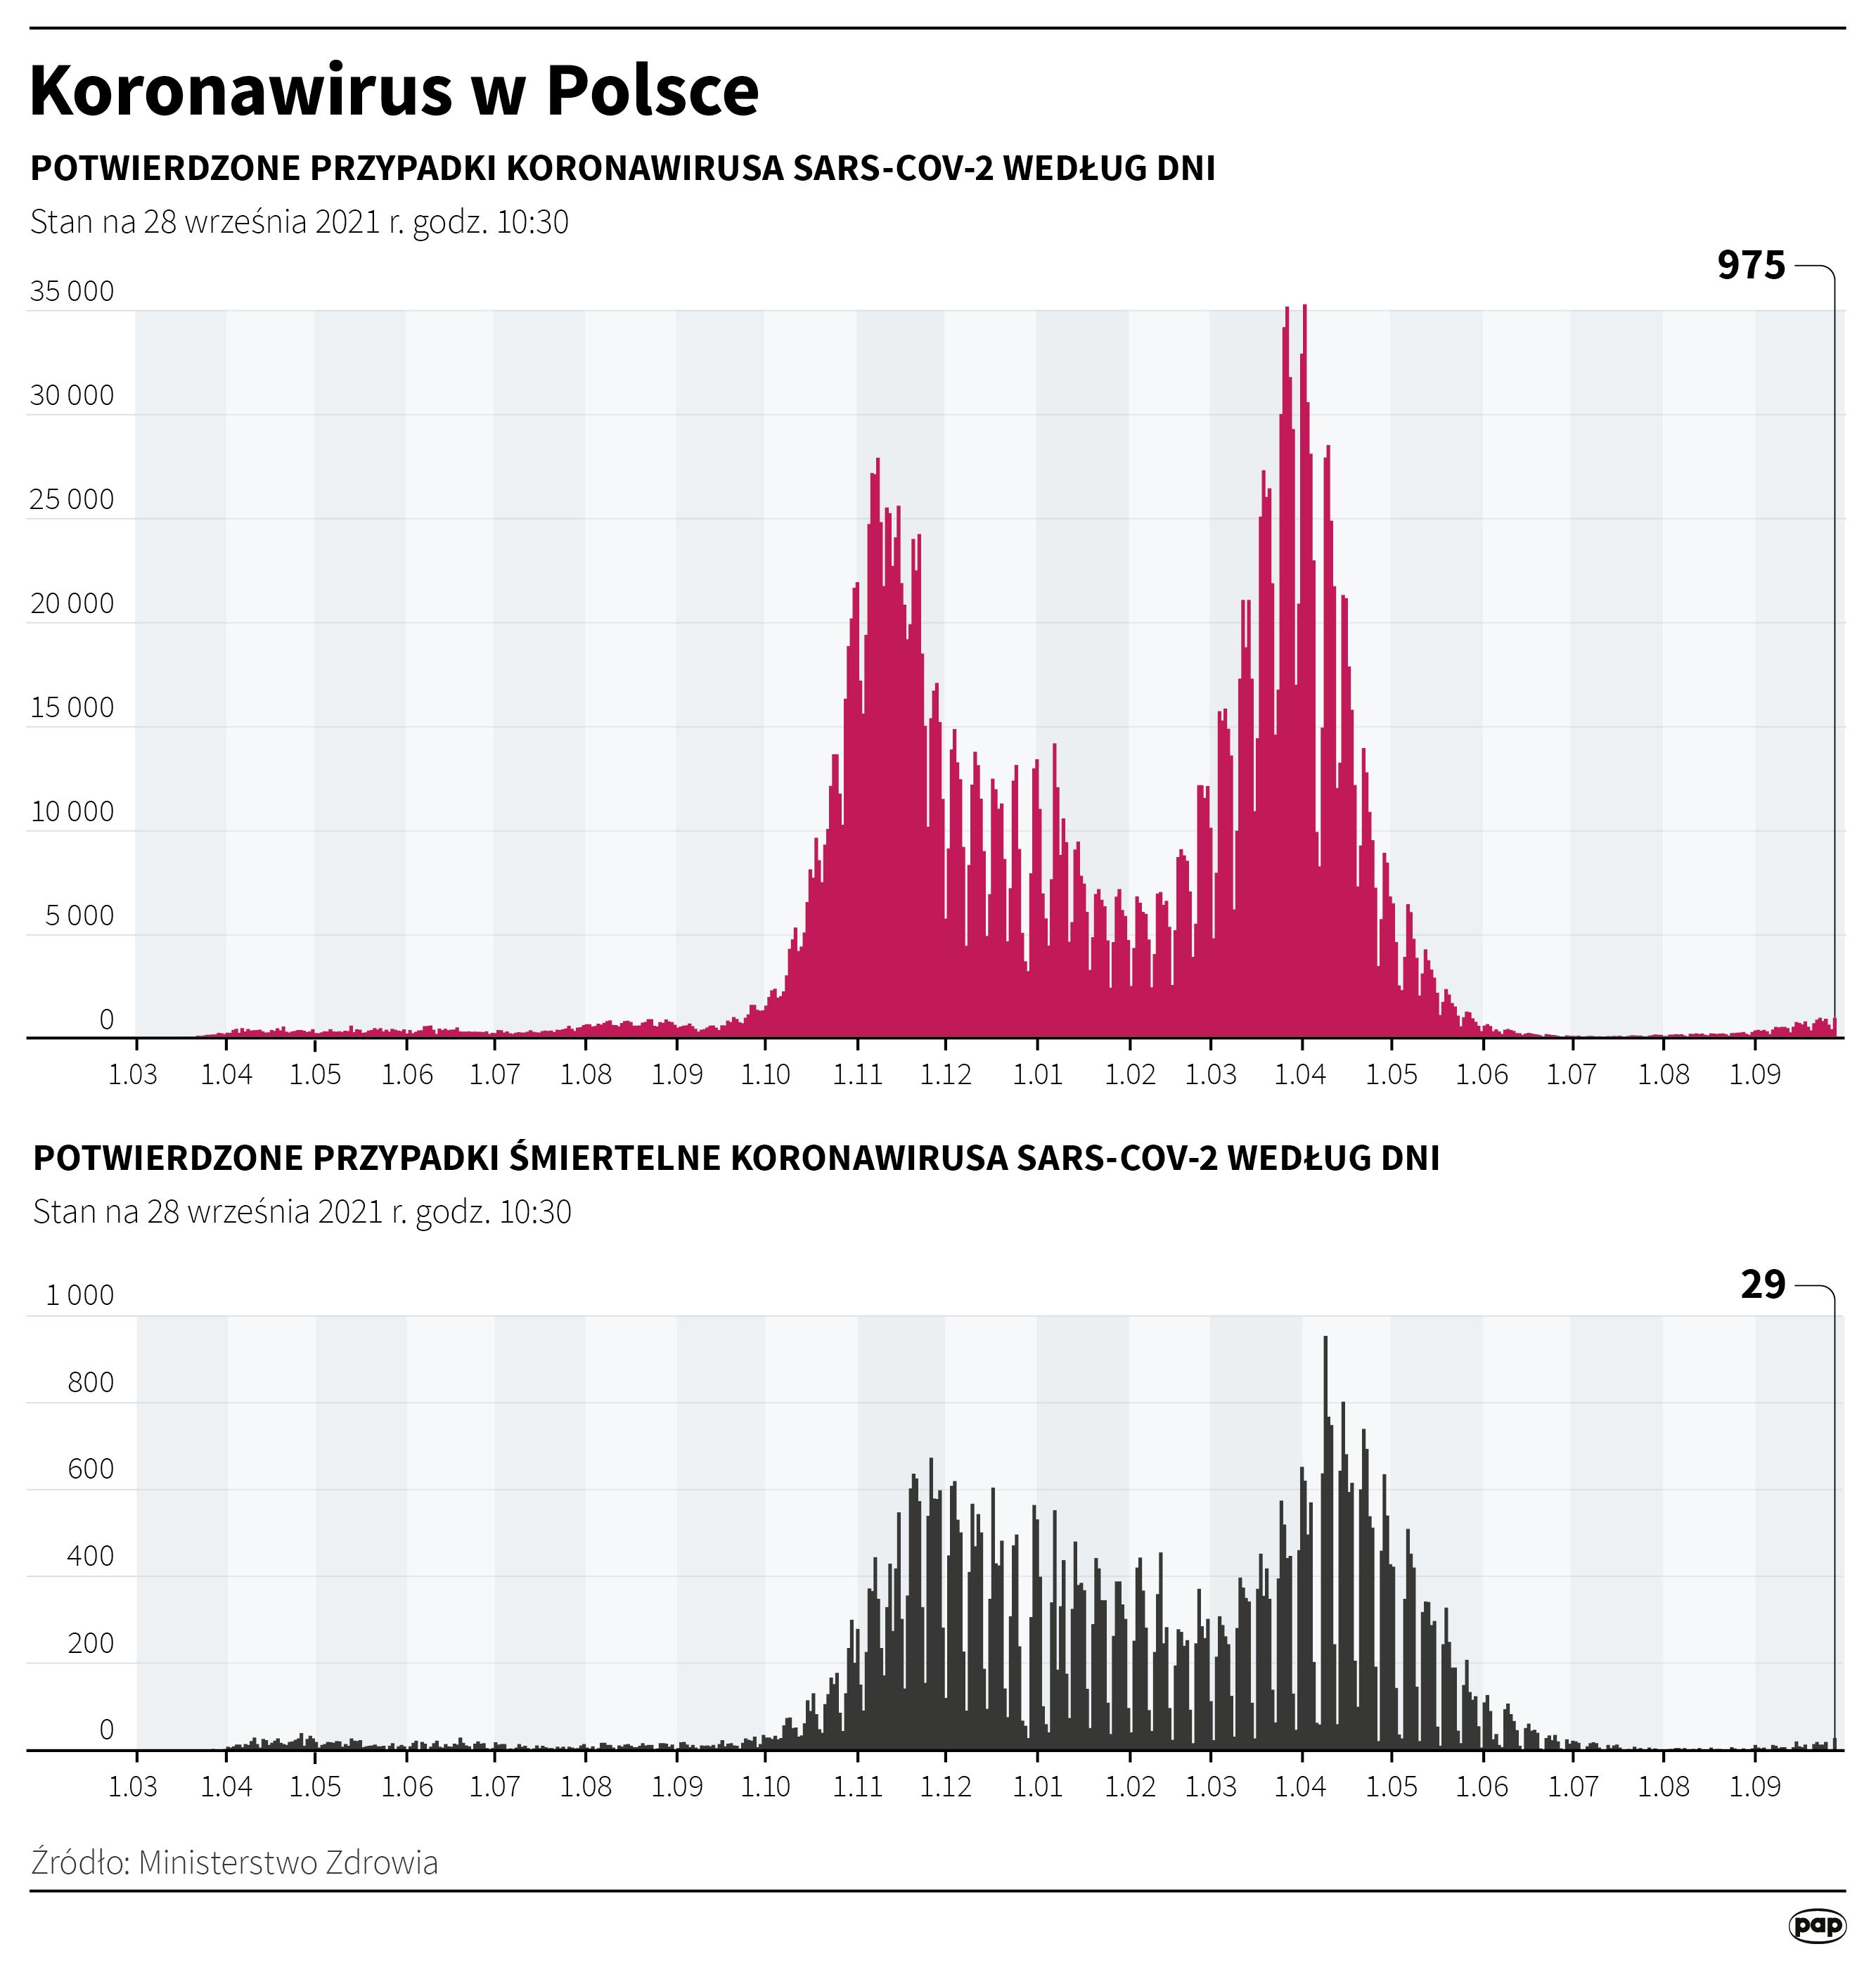 Koronawirus w Polsce - stan na 28 września [Autor : Adam Ziemienowicz, źródło: PAP]